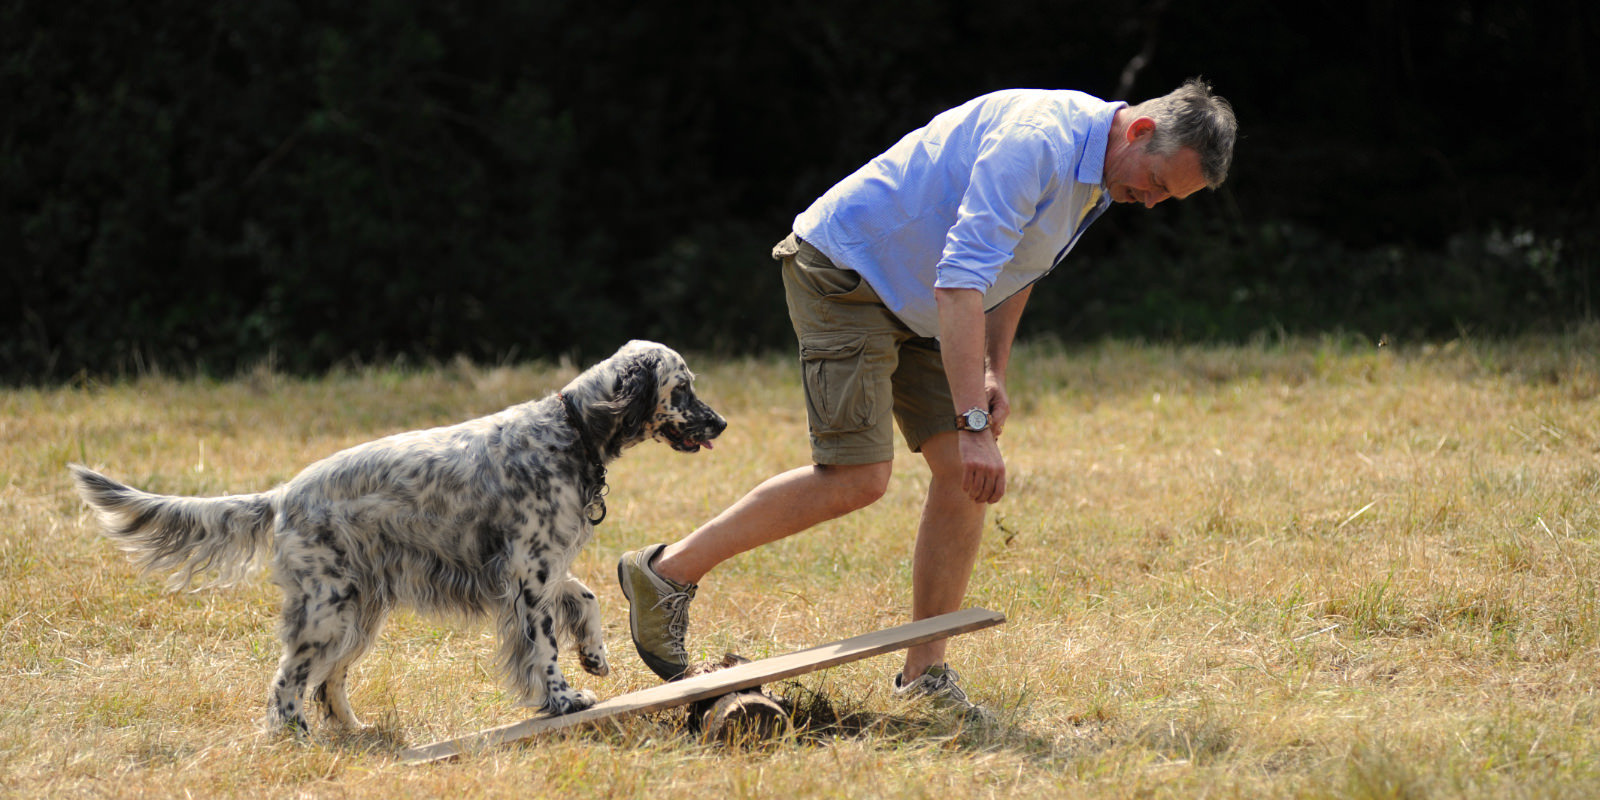 Herzlich Willkommen bei Gordon – Der zufriedene Hund